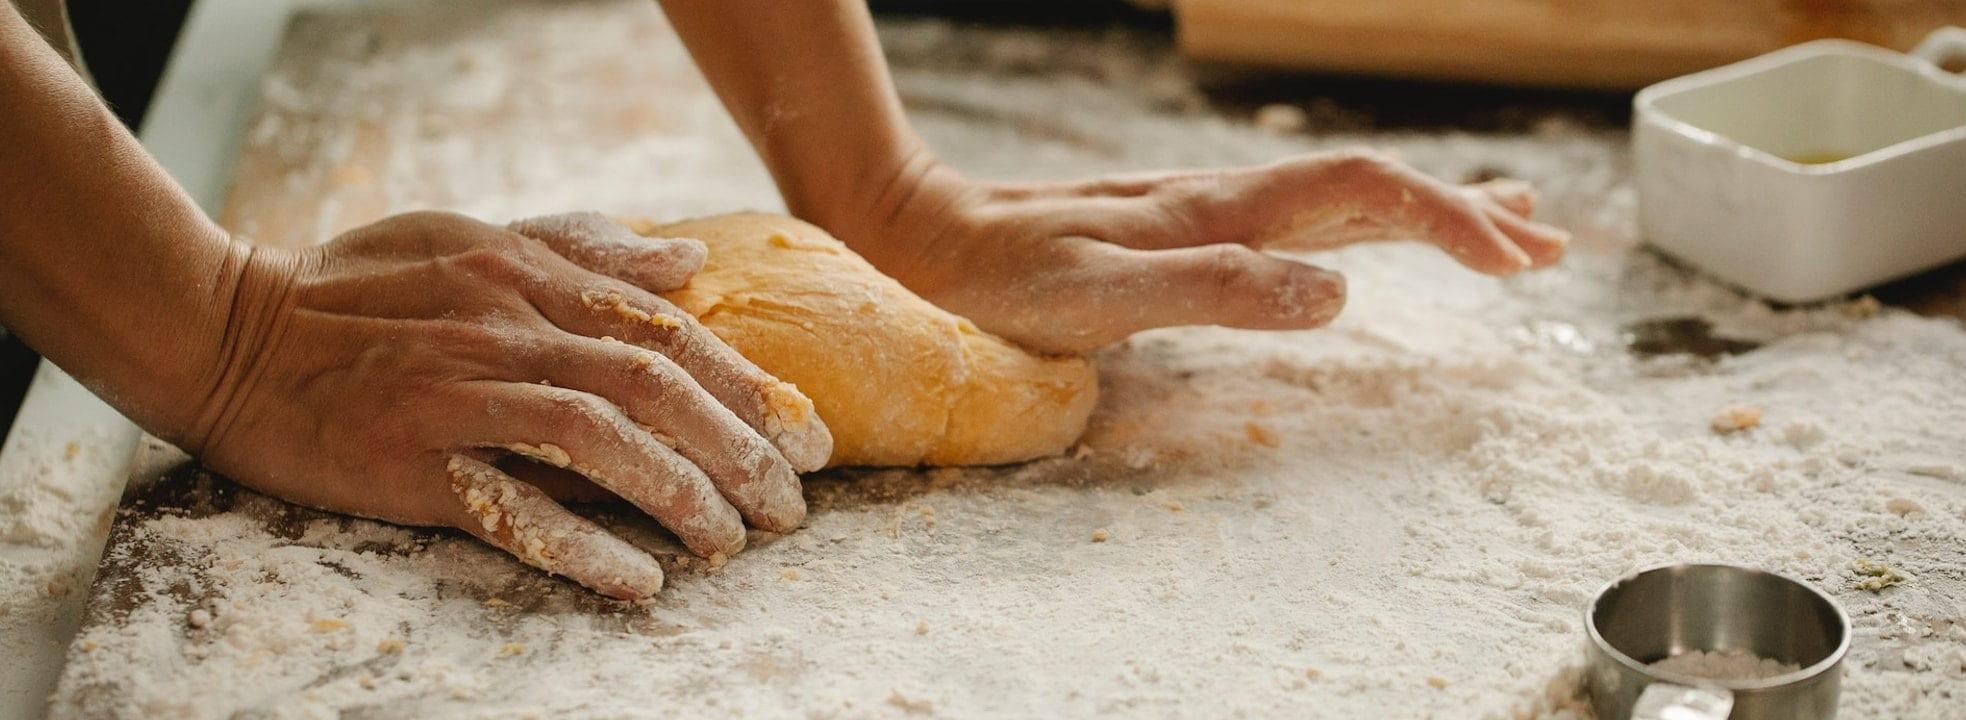 Jak upiec domowy chleb w pięciu krokach - 3 WAŻNE ZASADY